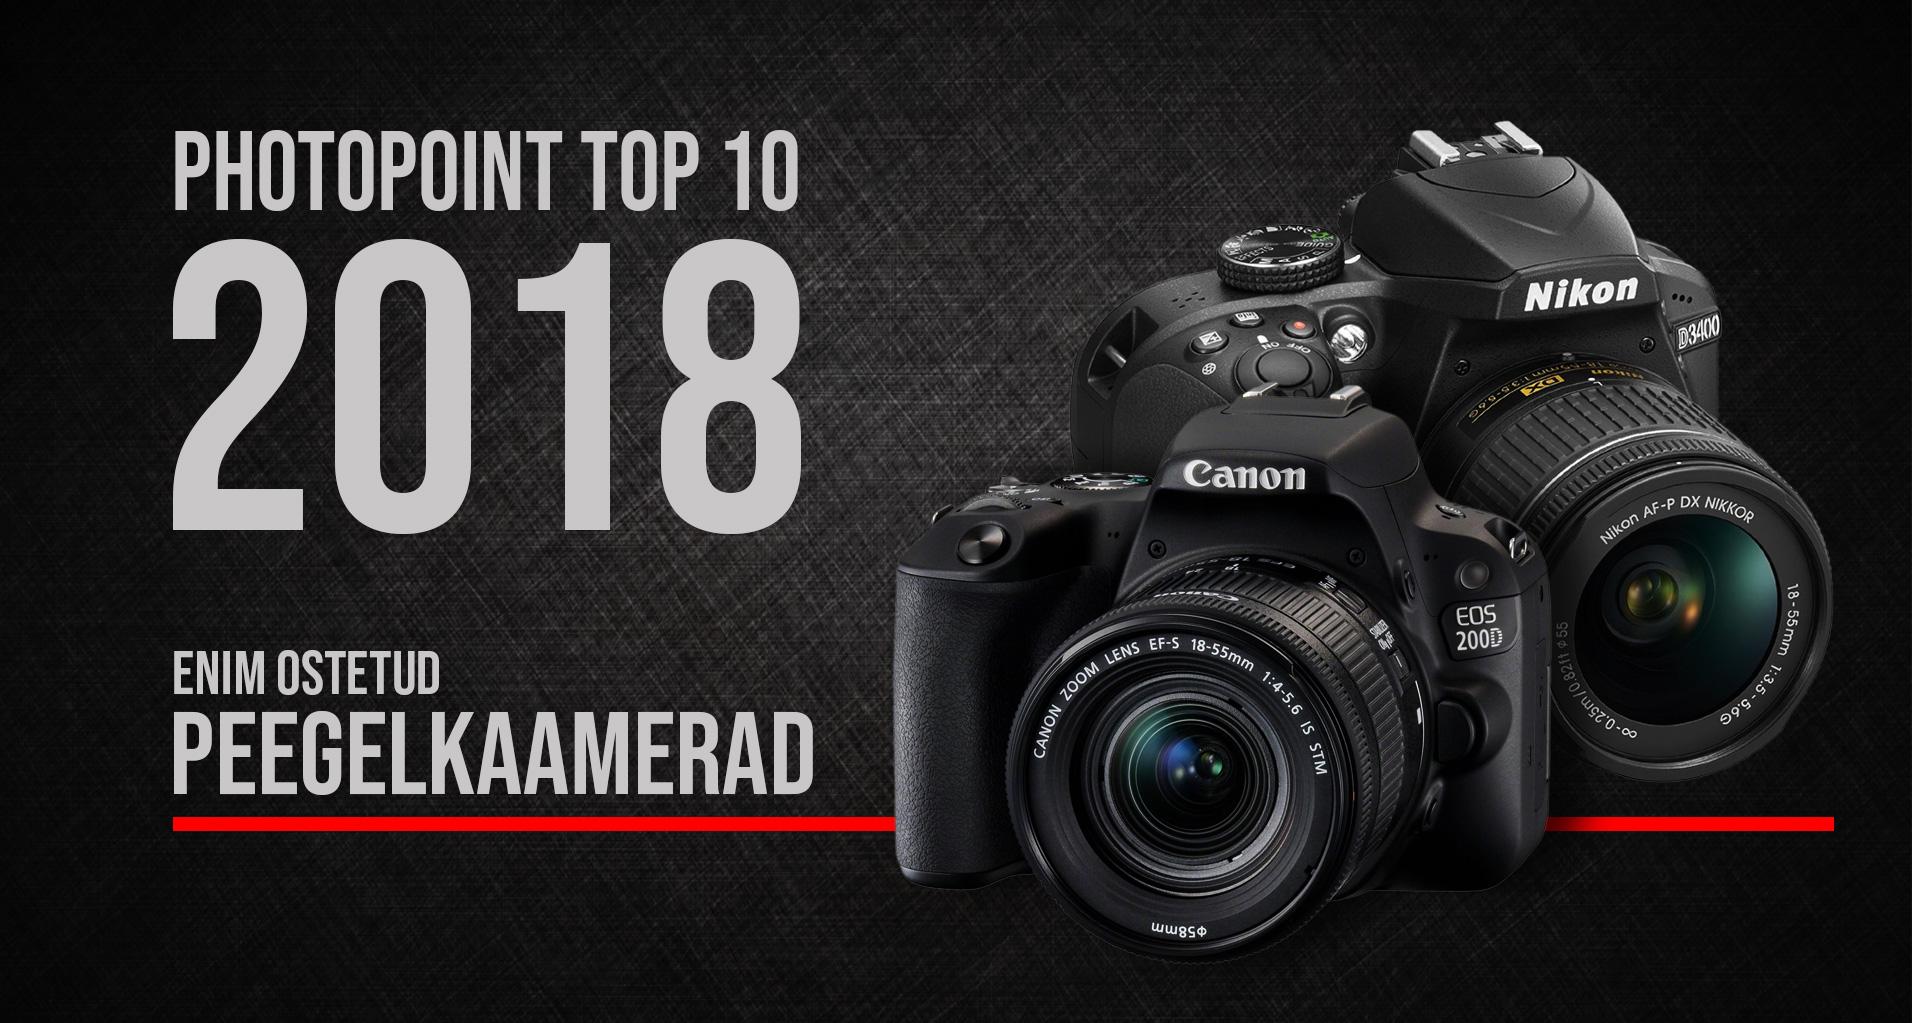 Photopointi TOP 10 – enim ostetud peegelkaamerad aastal 2018